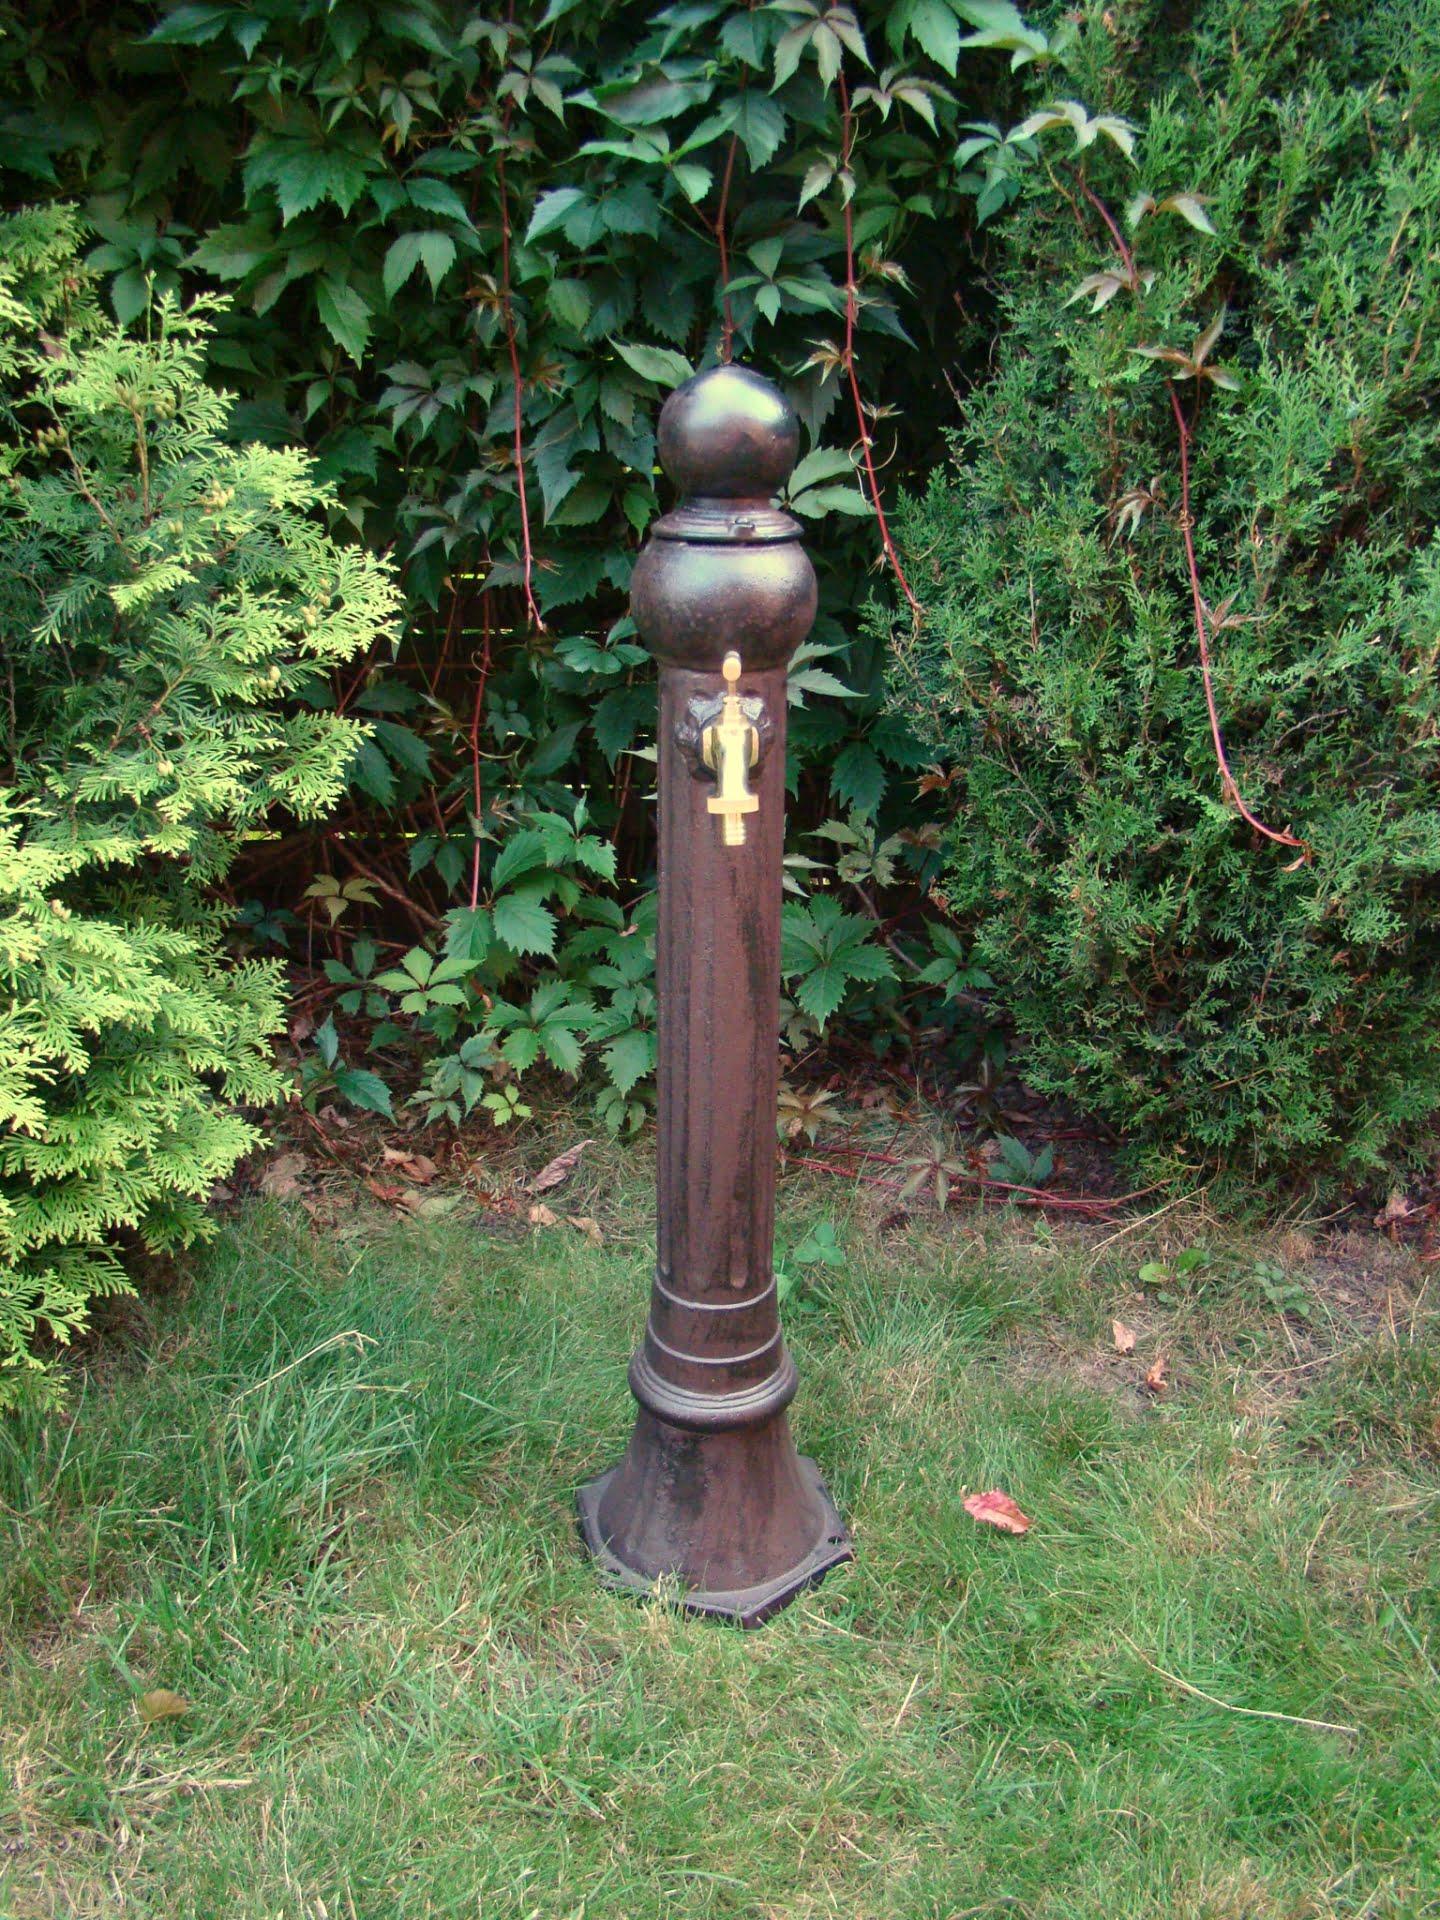 Smukły hydrant ogrodowy aluminiowy